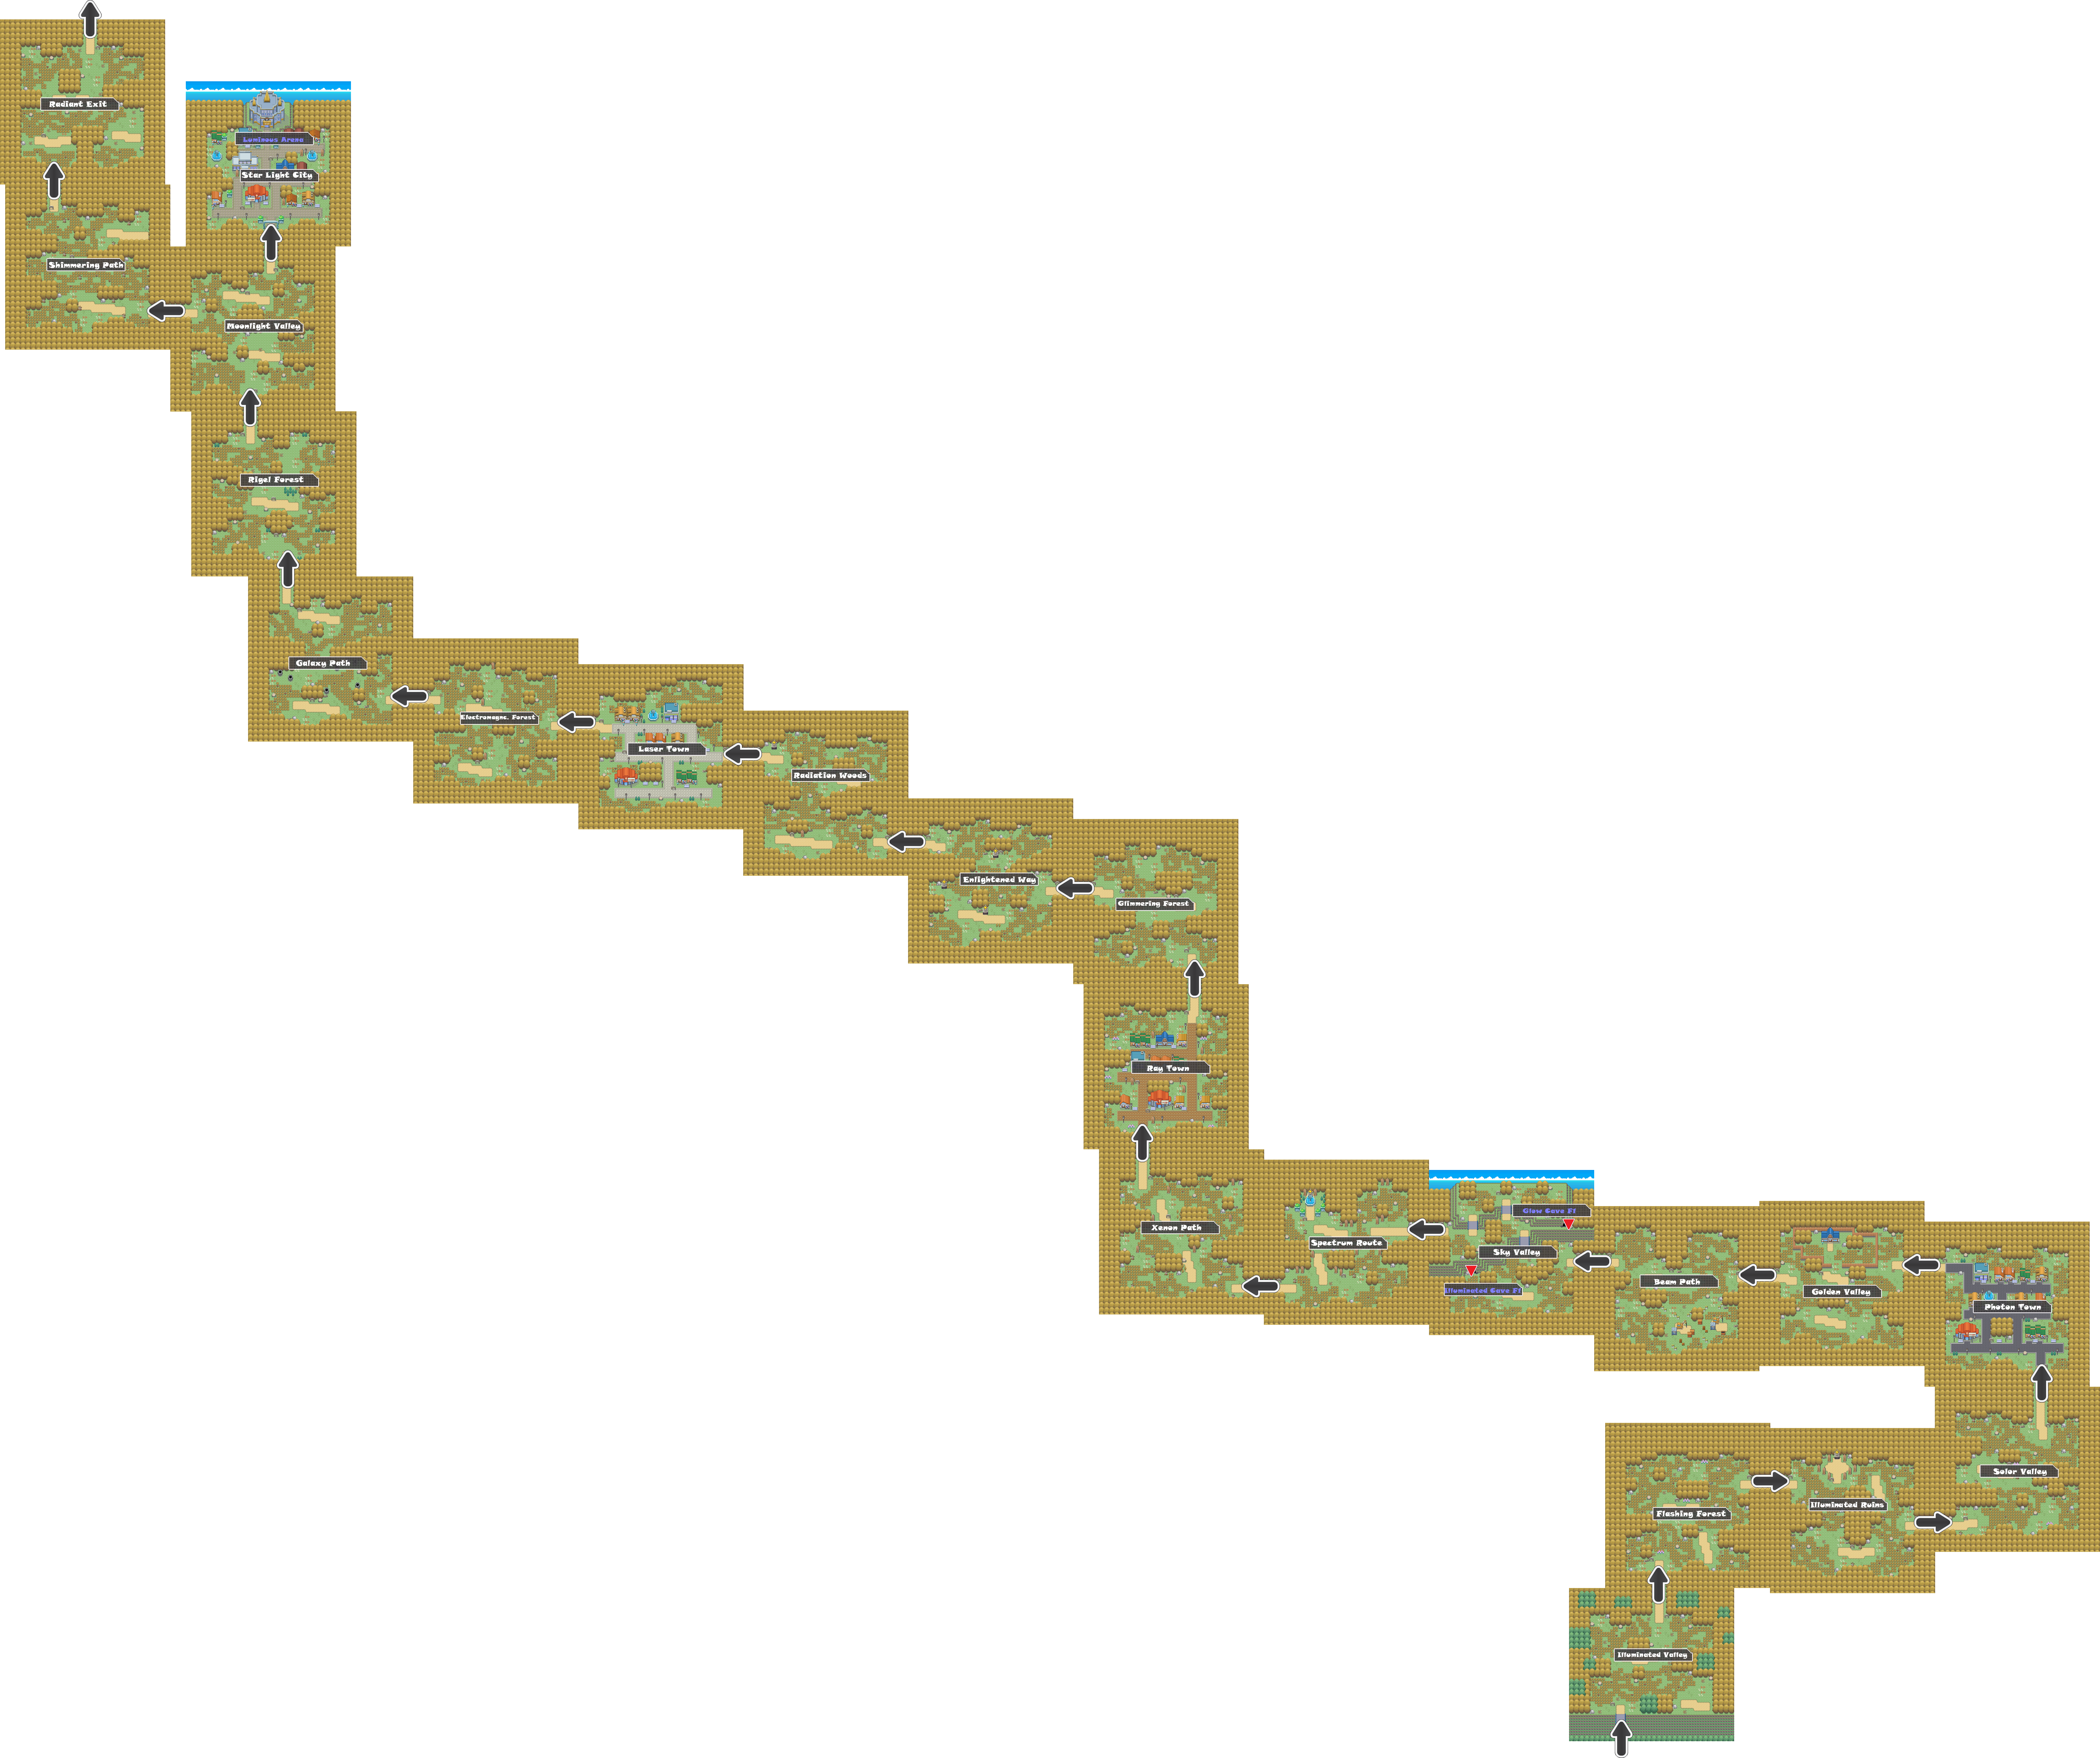 Pokemon Like Monster MMORPG V2 Zone 11 World Map by MonsterMMORPG